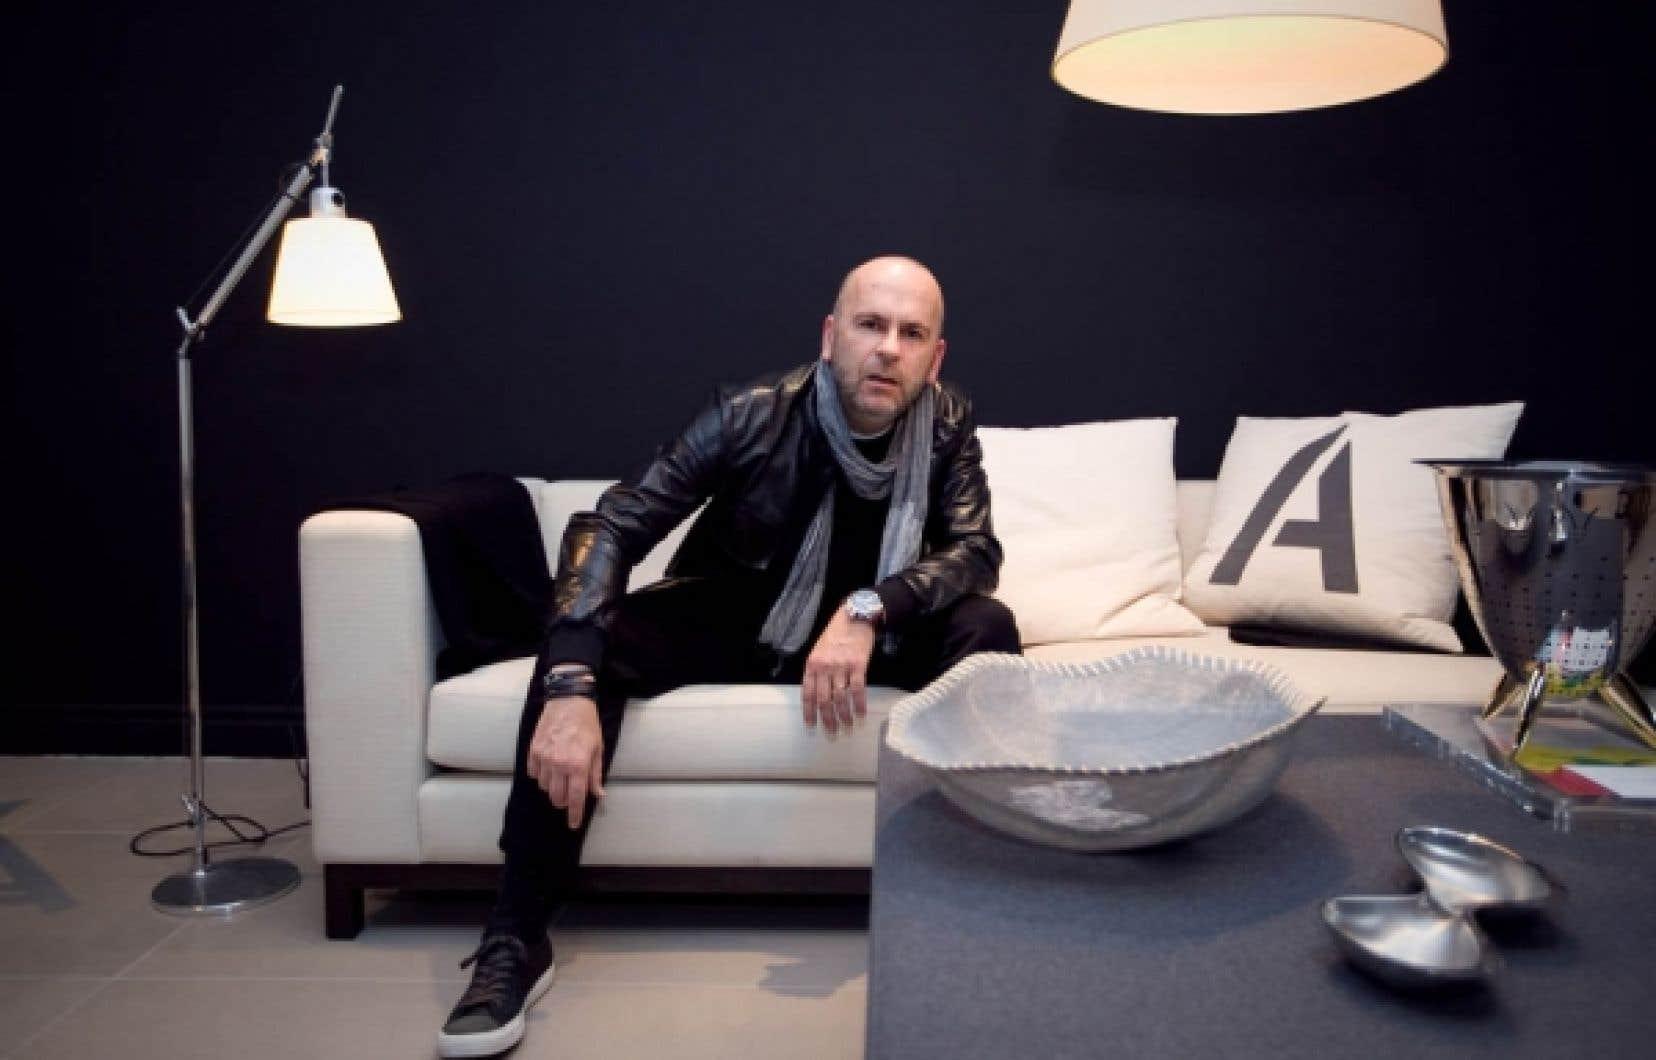 L'architecte d'intérieur Christian Bélanger et ses associés ont ouvert Bélanger 3 Martin (s), un magasin général où ils entendent faire partager leur goût et leur passion pour le beau, le vrai, l'original et l'insolite en design.<br />